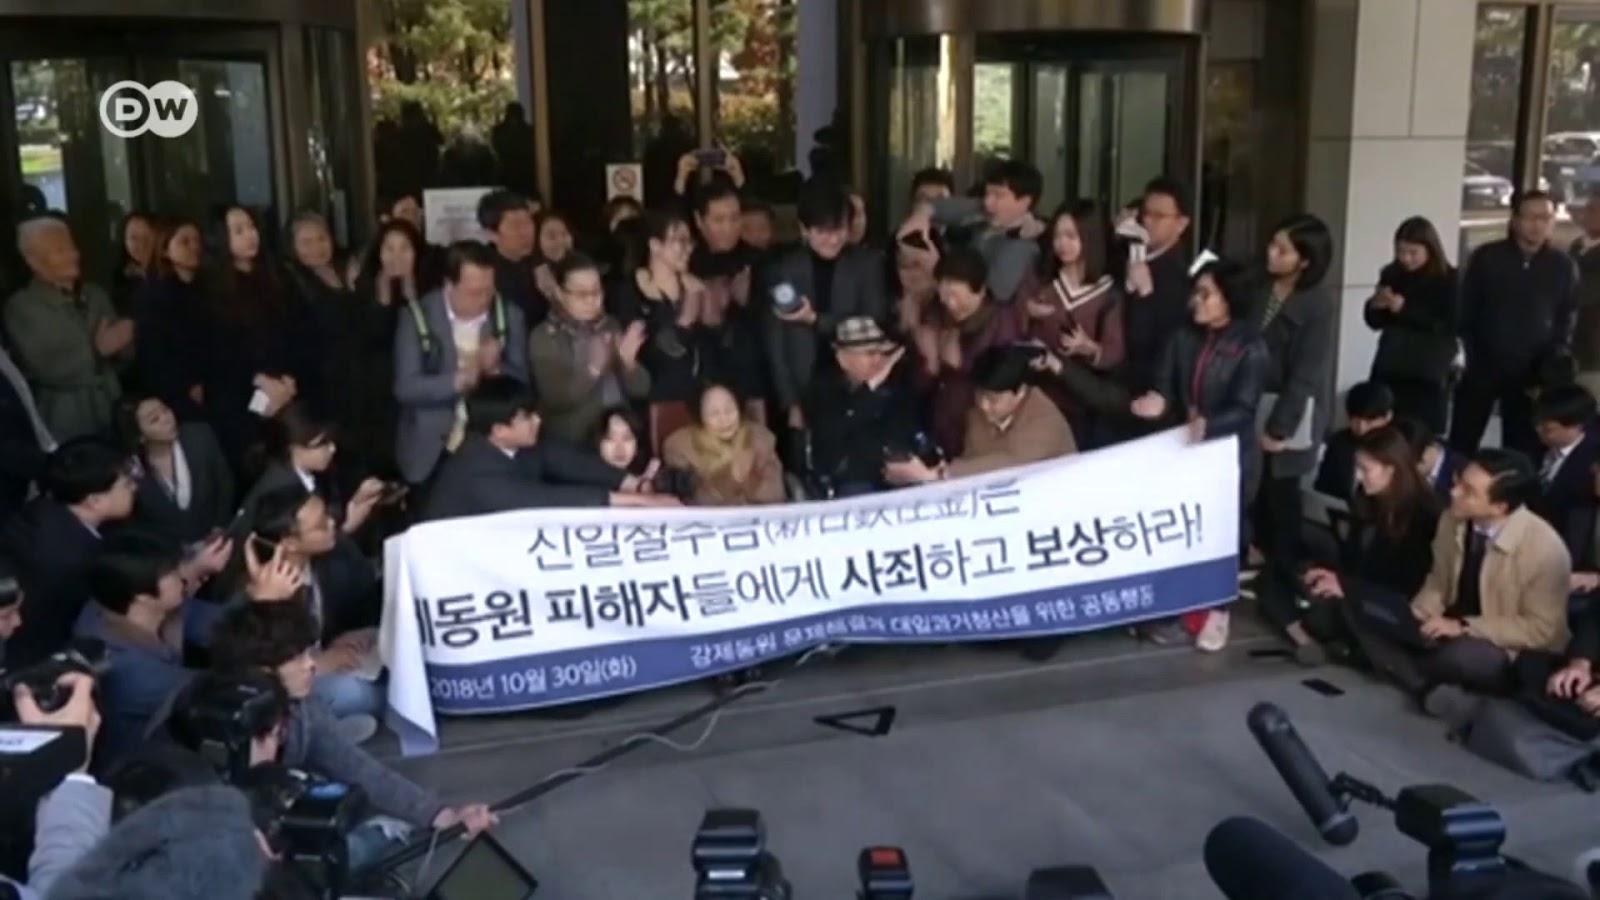 反応 海外 韓国 規制 の